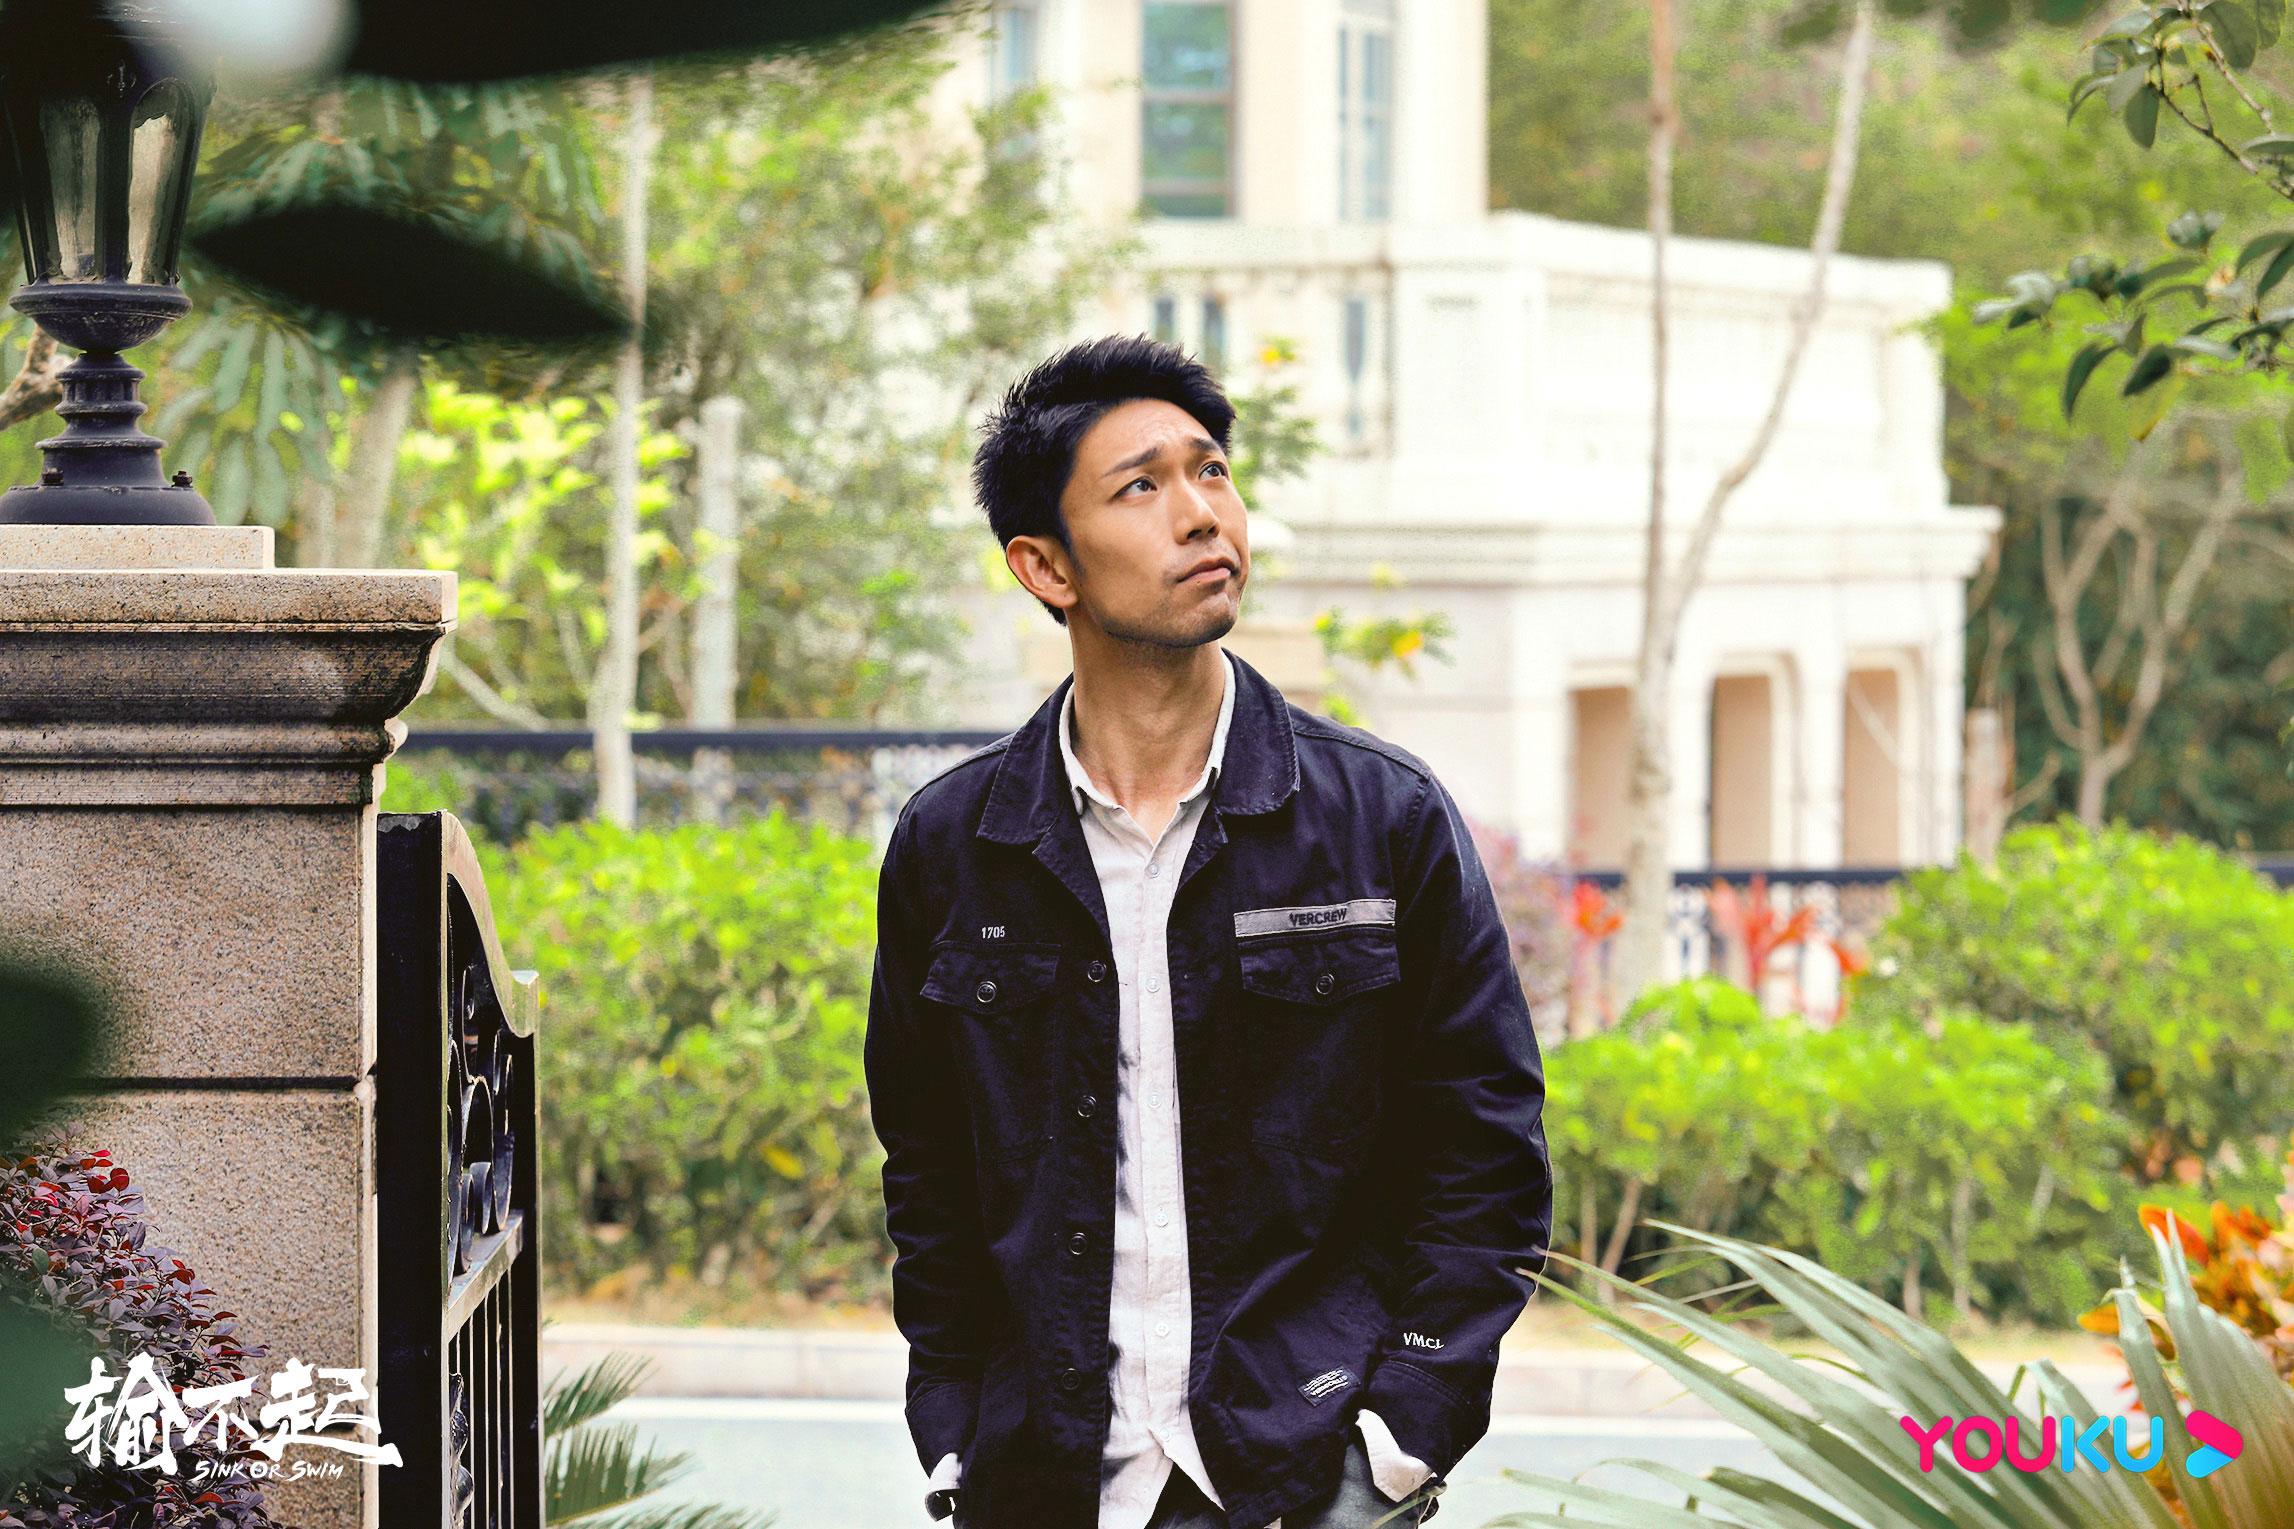 李洪绸团队新作《输不起》收官 2020开年最惊喜国产迷你剧